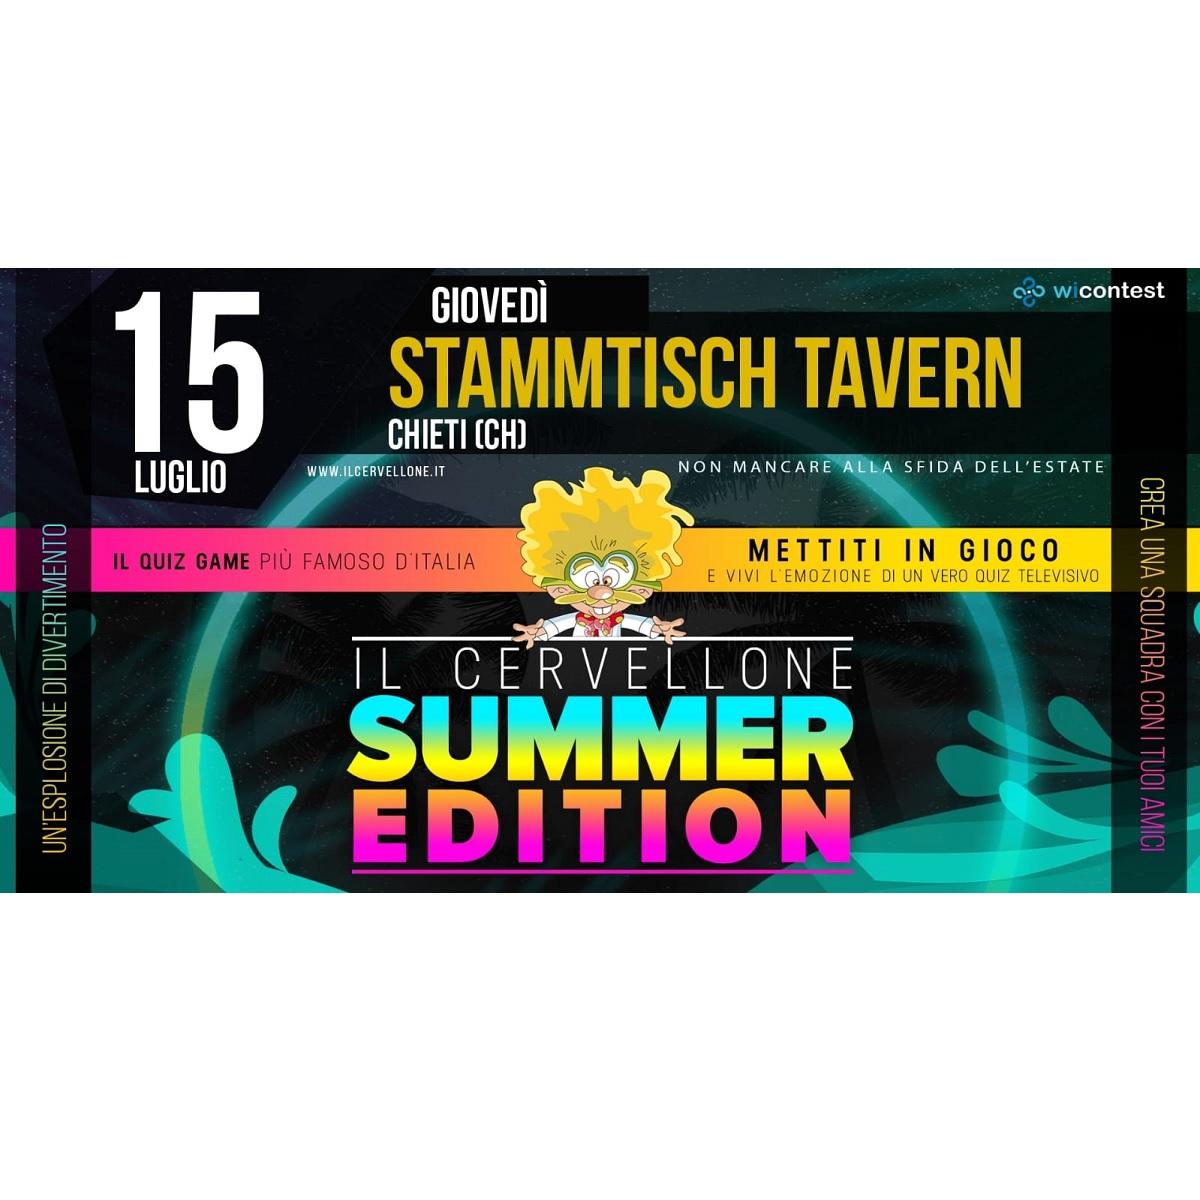 Il Cervellone allo Stammtisch Tavern 15 luglio 2021 foto